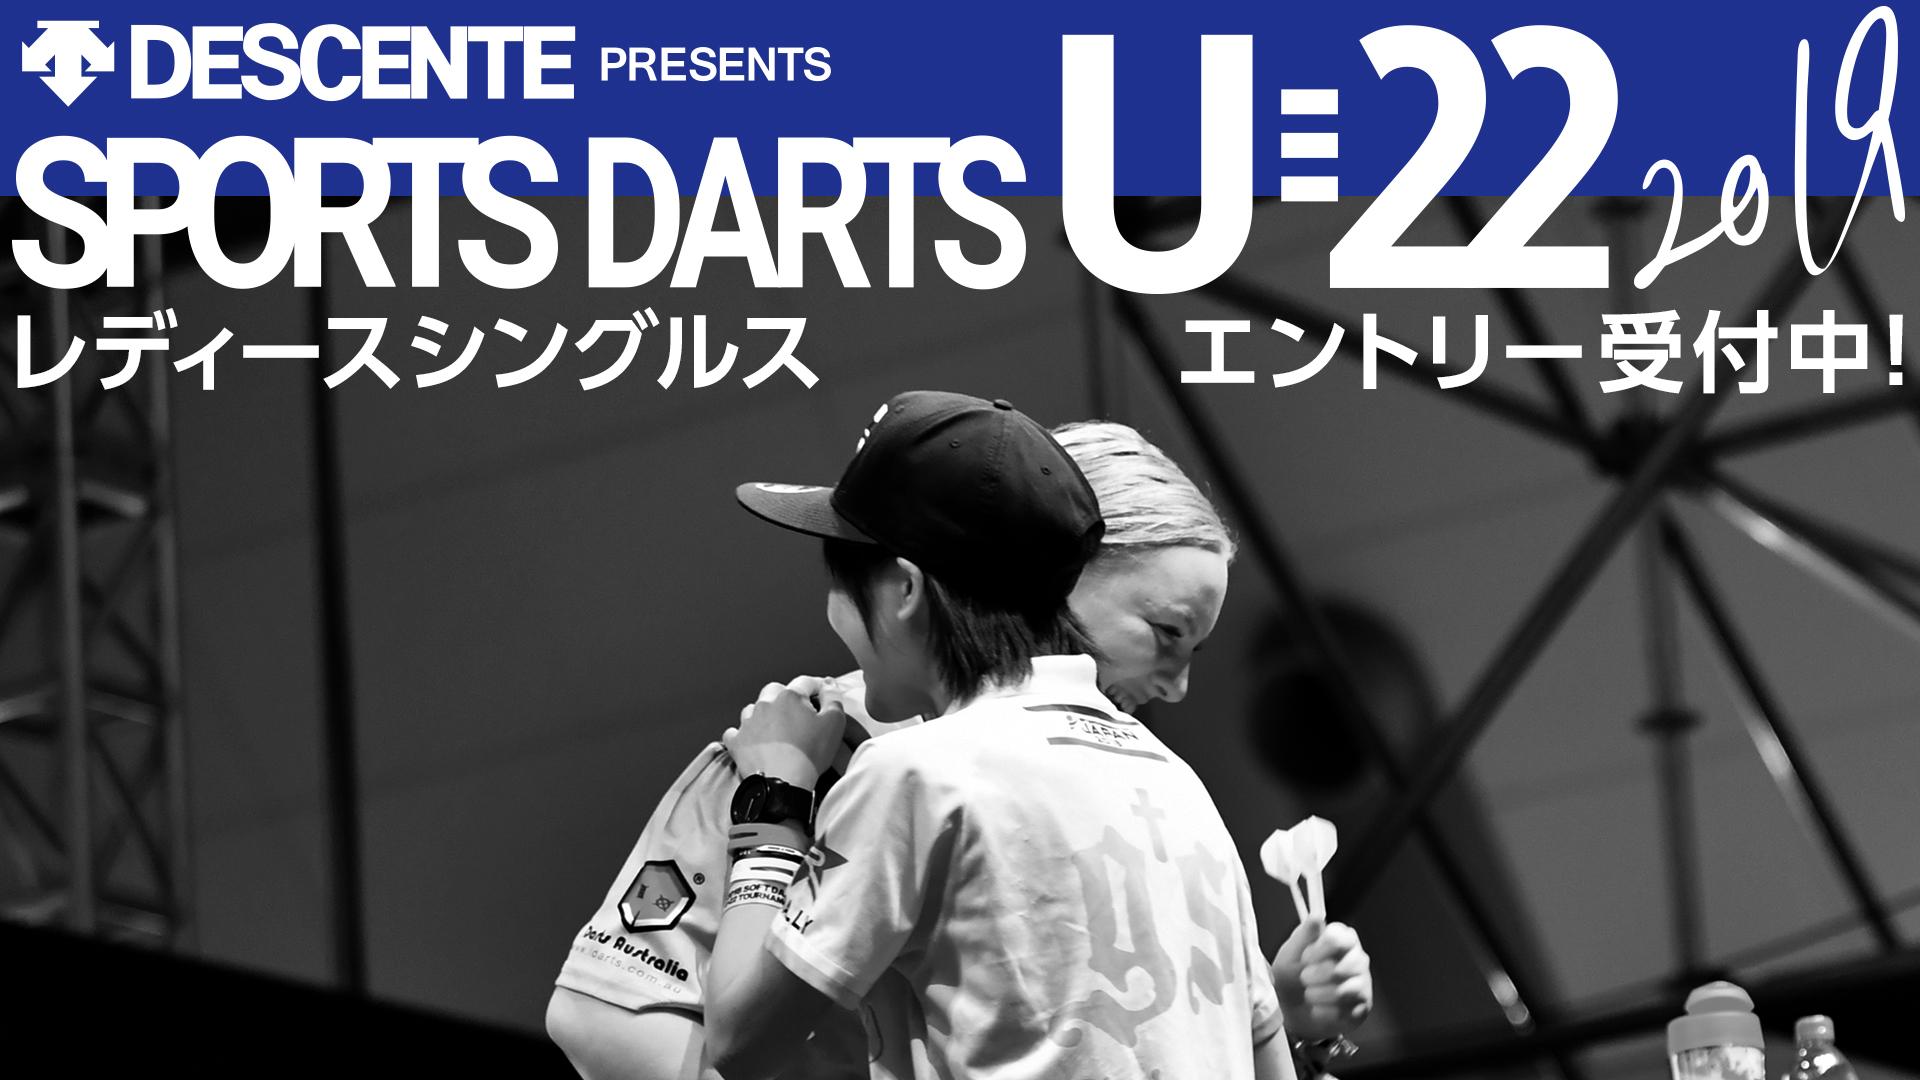 【U-22】レディースシングルス大会エントリー受付スタート!